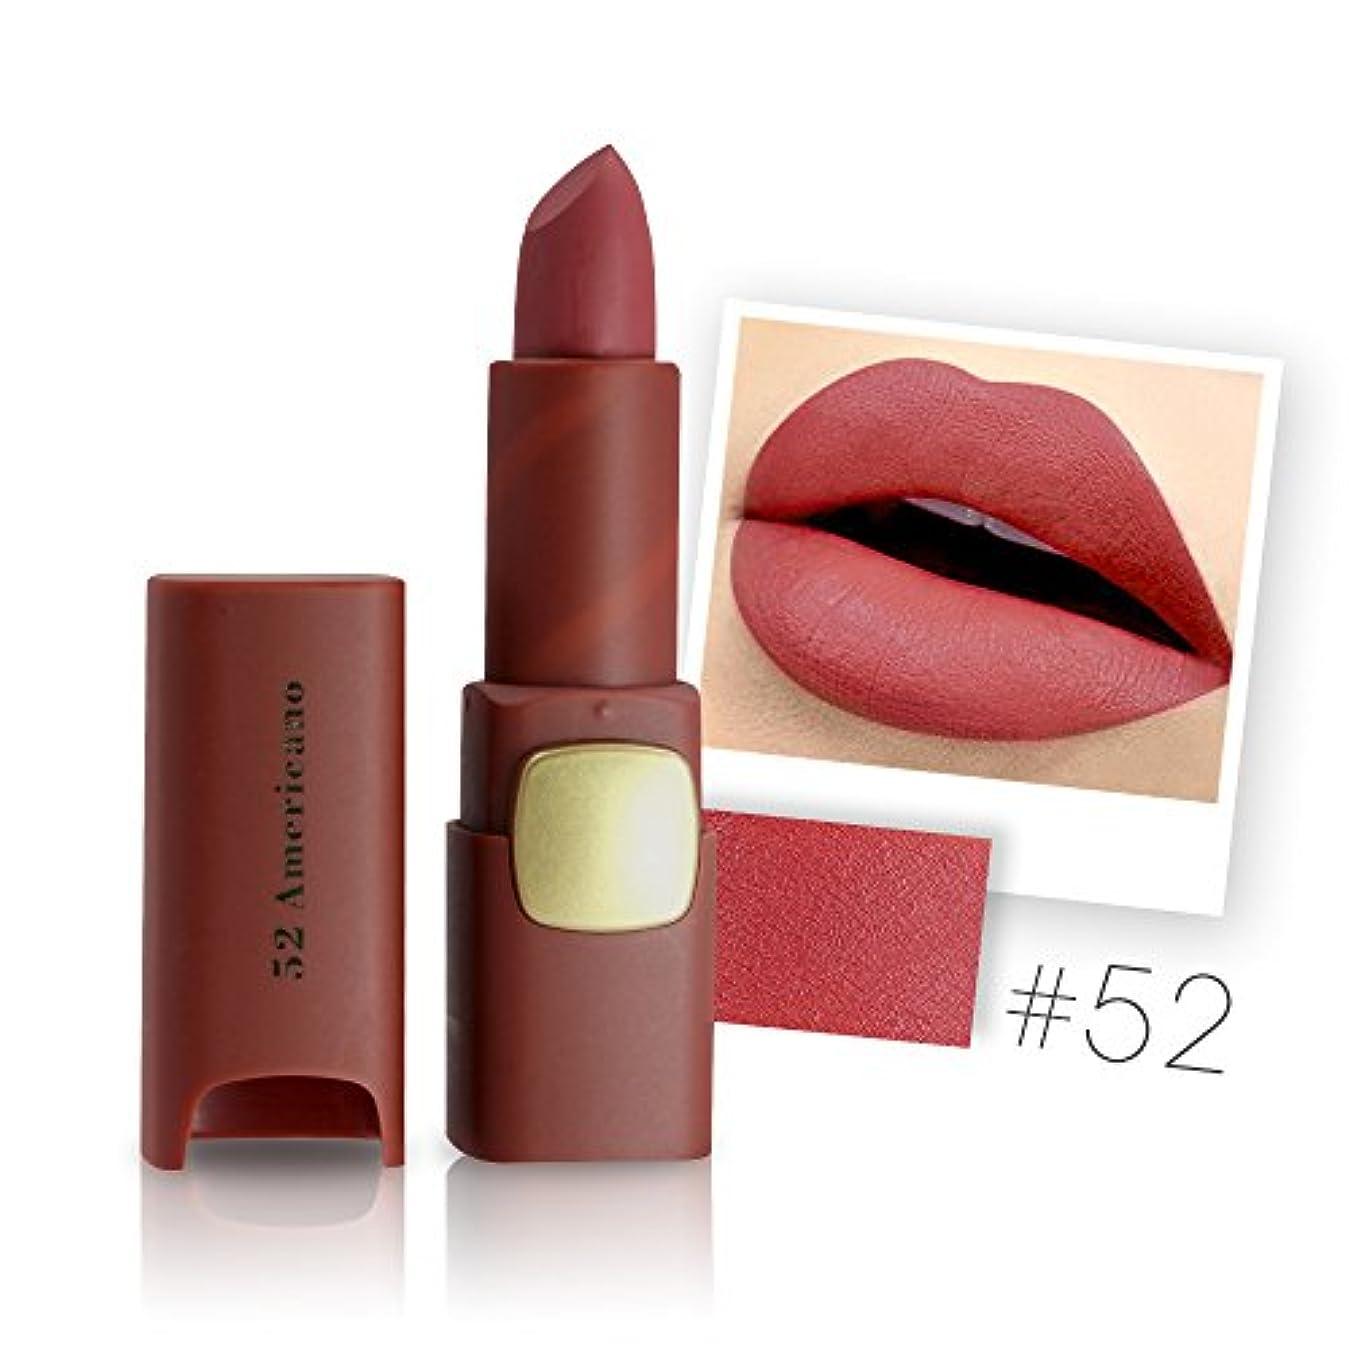 テラス寝る勢いMiss Rose Brand Matte Lipstick Waterproof Lips Moisturizing Easy To Wear Makeup Lip Sticks Gloss Lipsticks Cosmetic